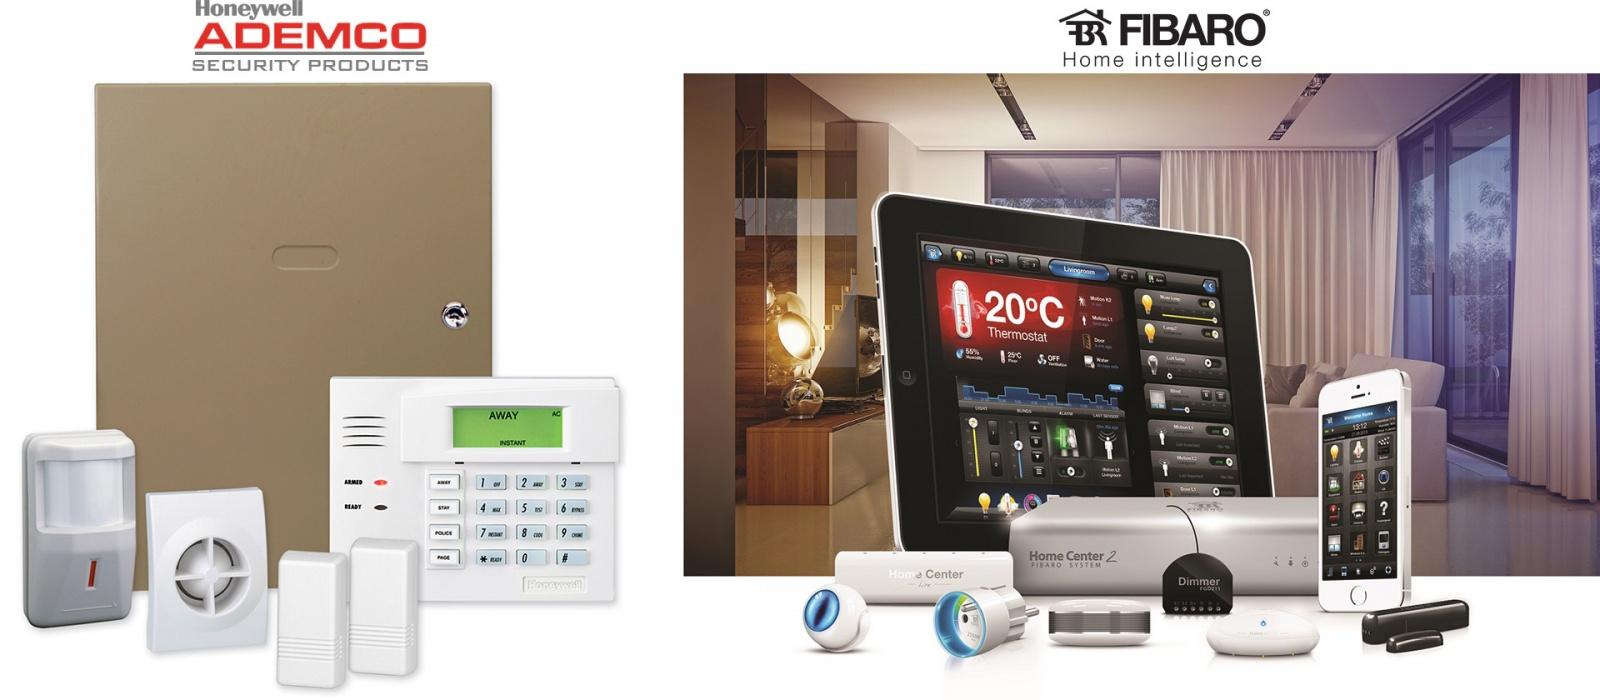 Интегрируем охранную систему Honeywell (Ademco) VISTA 10 с домашней автоматизацией Fibaro - 1